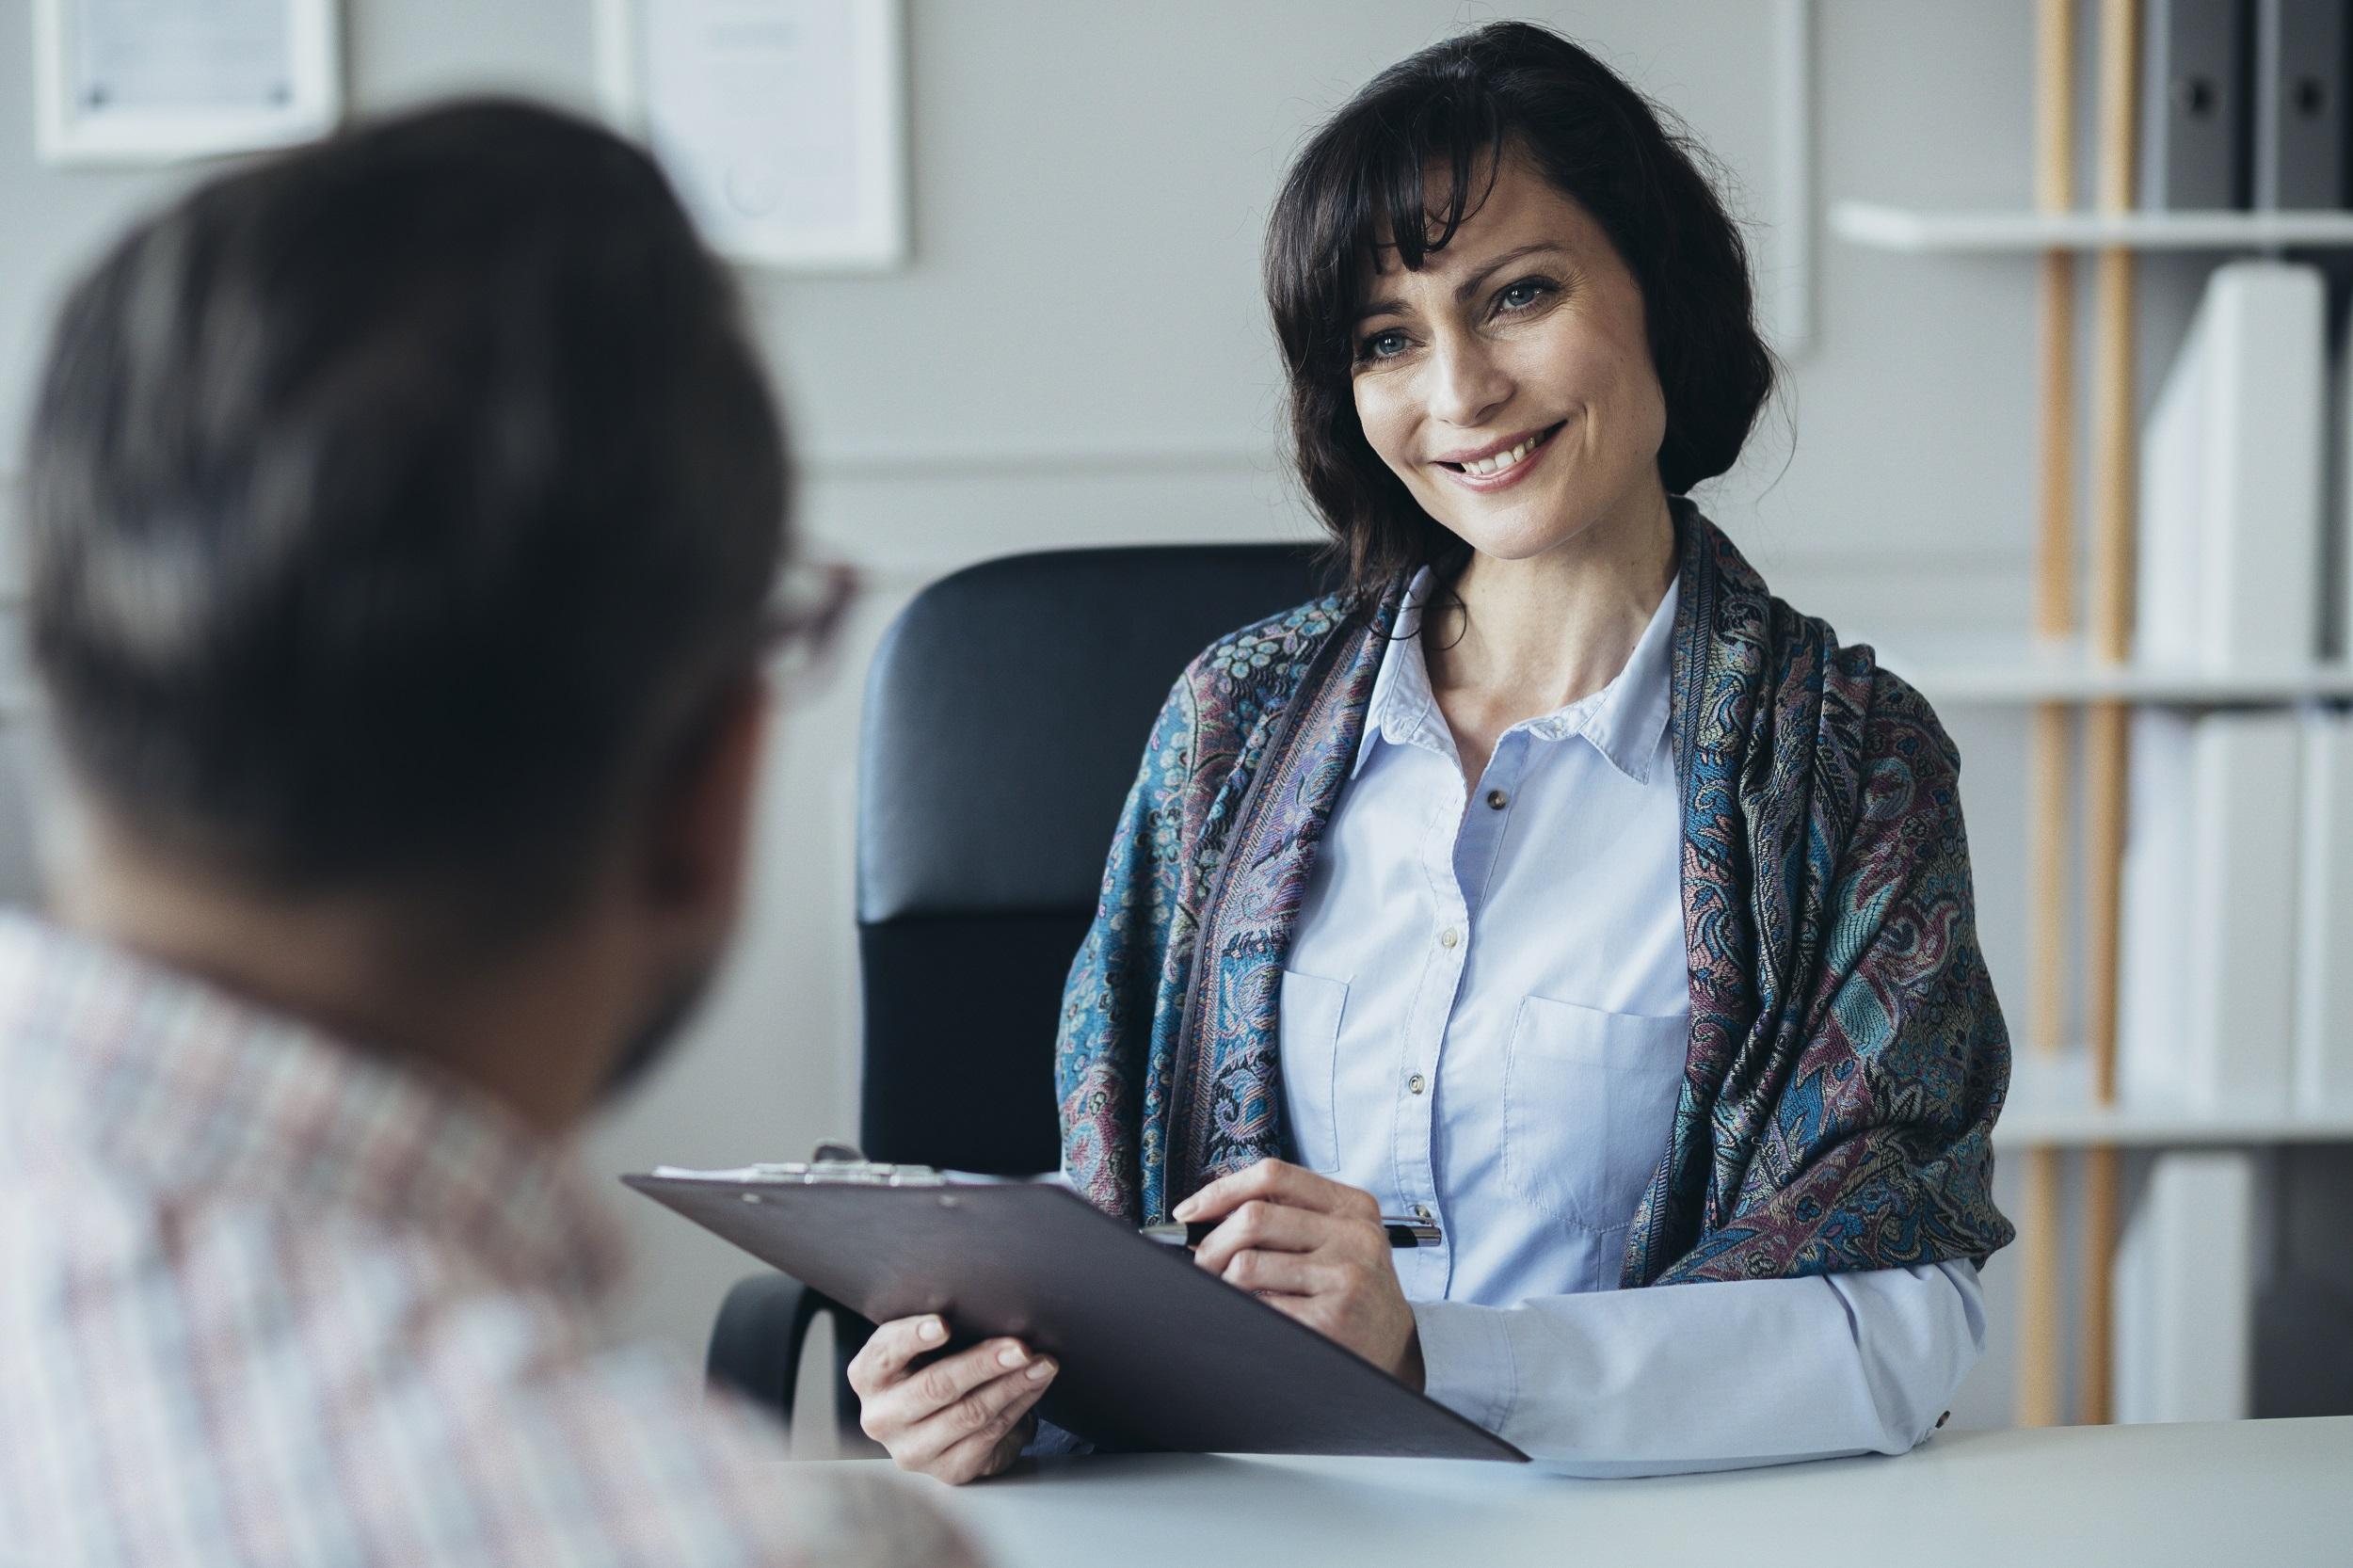 DIGITAL HR | Episodio 18 – Annuncio di lavoro: ecco i dettagli che contano